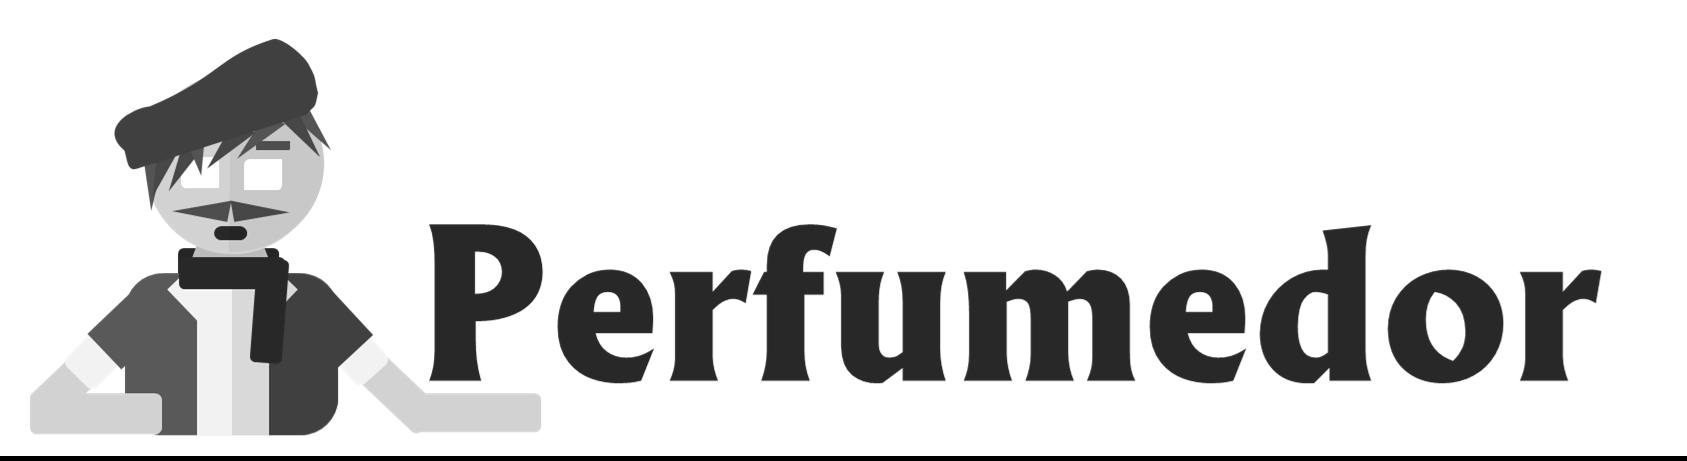 Логотип для интернет-магазина парфюмерии фото f_7935b44aa1bdc928.png